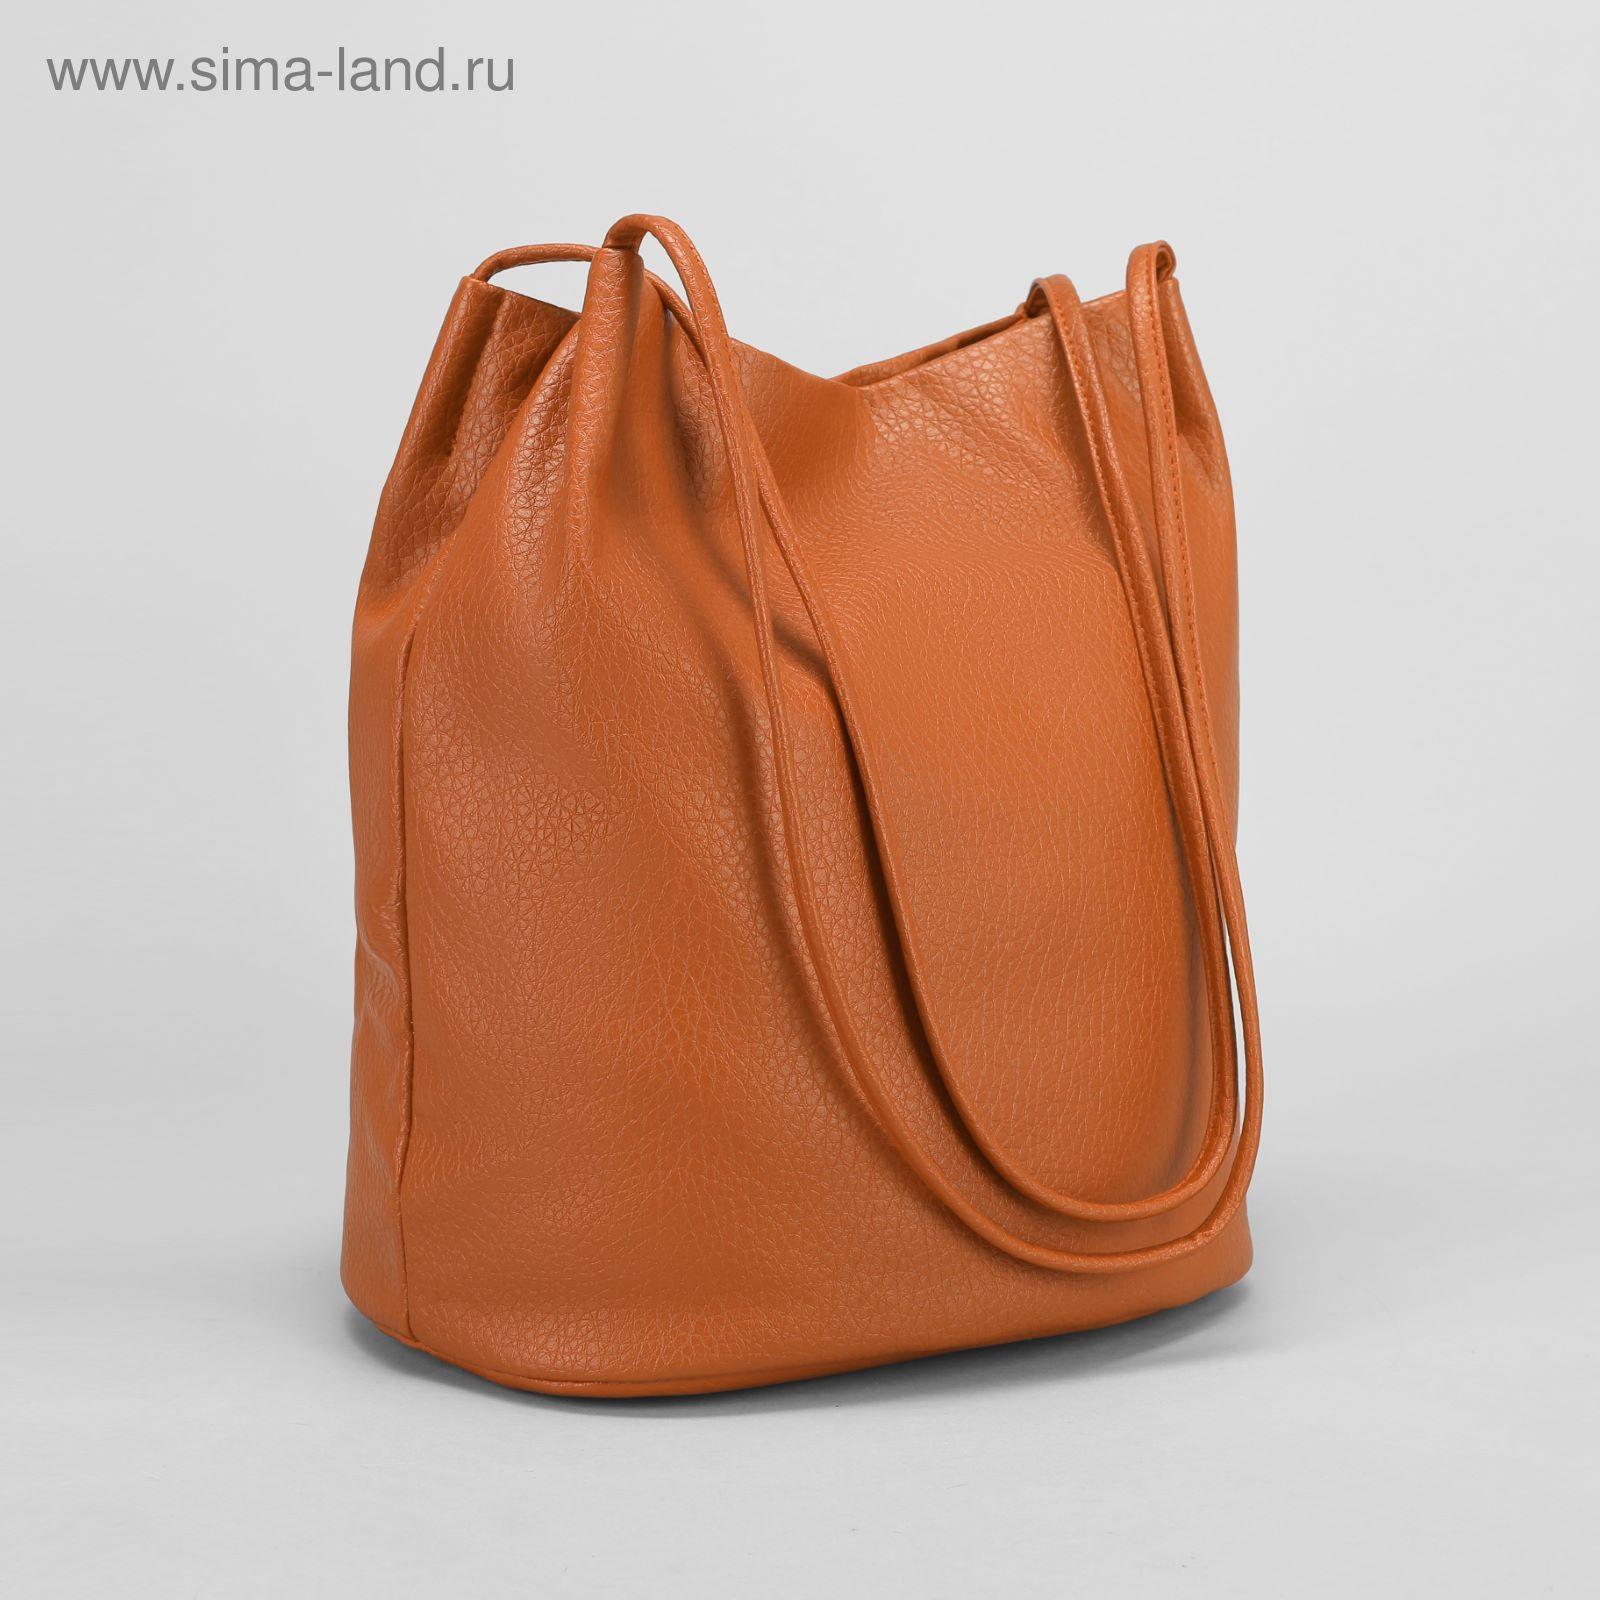 6e8fd07c821b Сумка женская на кнопке, 1 отдел, оранжевая (1226891) - Купить по ...